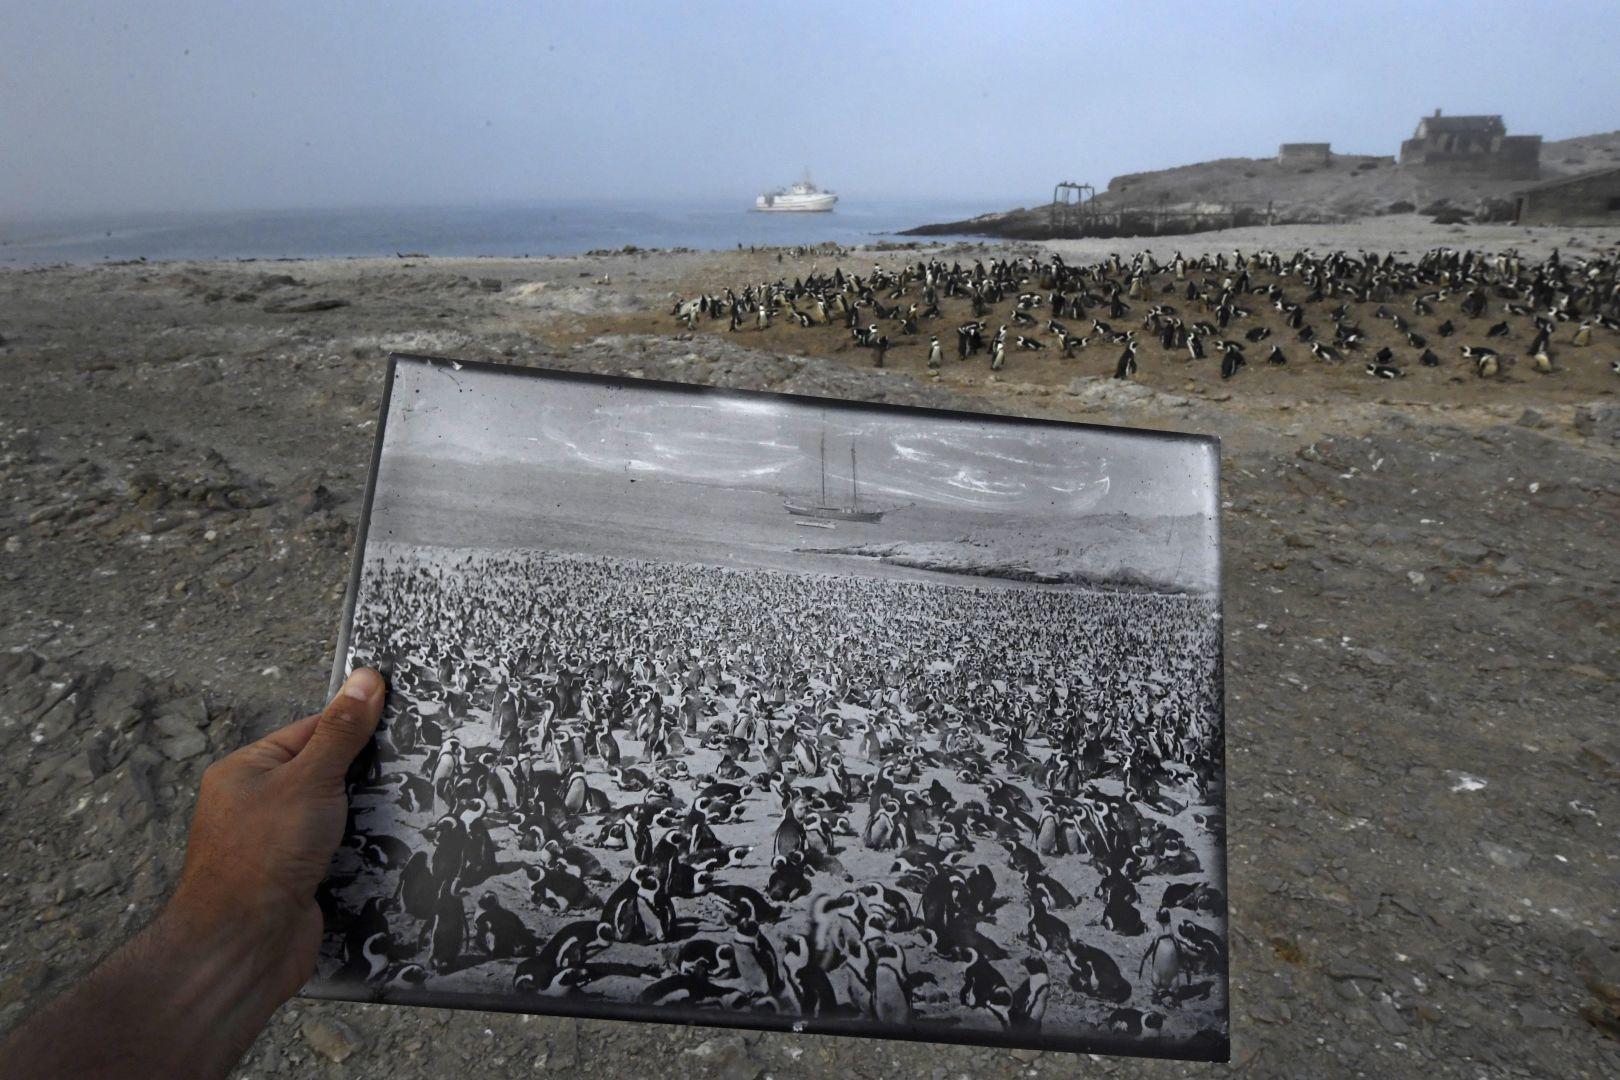 Назад в прошлое, © Томас П. Песчак, Германия / Южная Африка, 3-й приз : одиночный кадр, Фотоконкурс World Press Photo